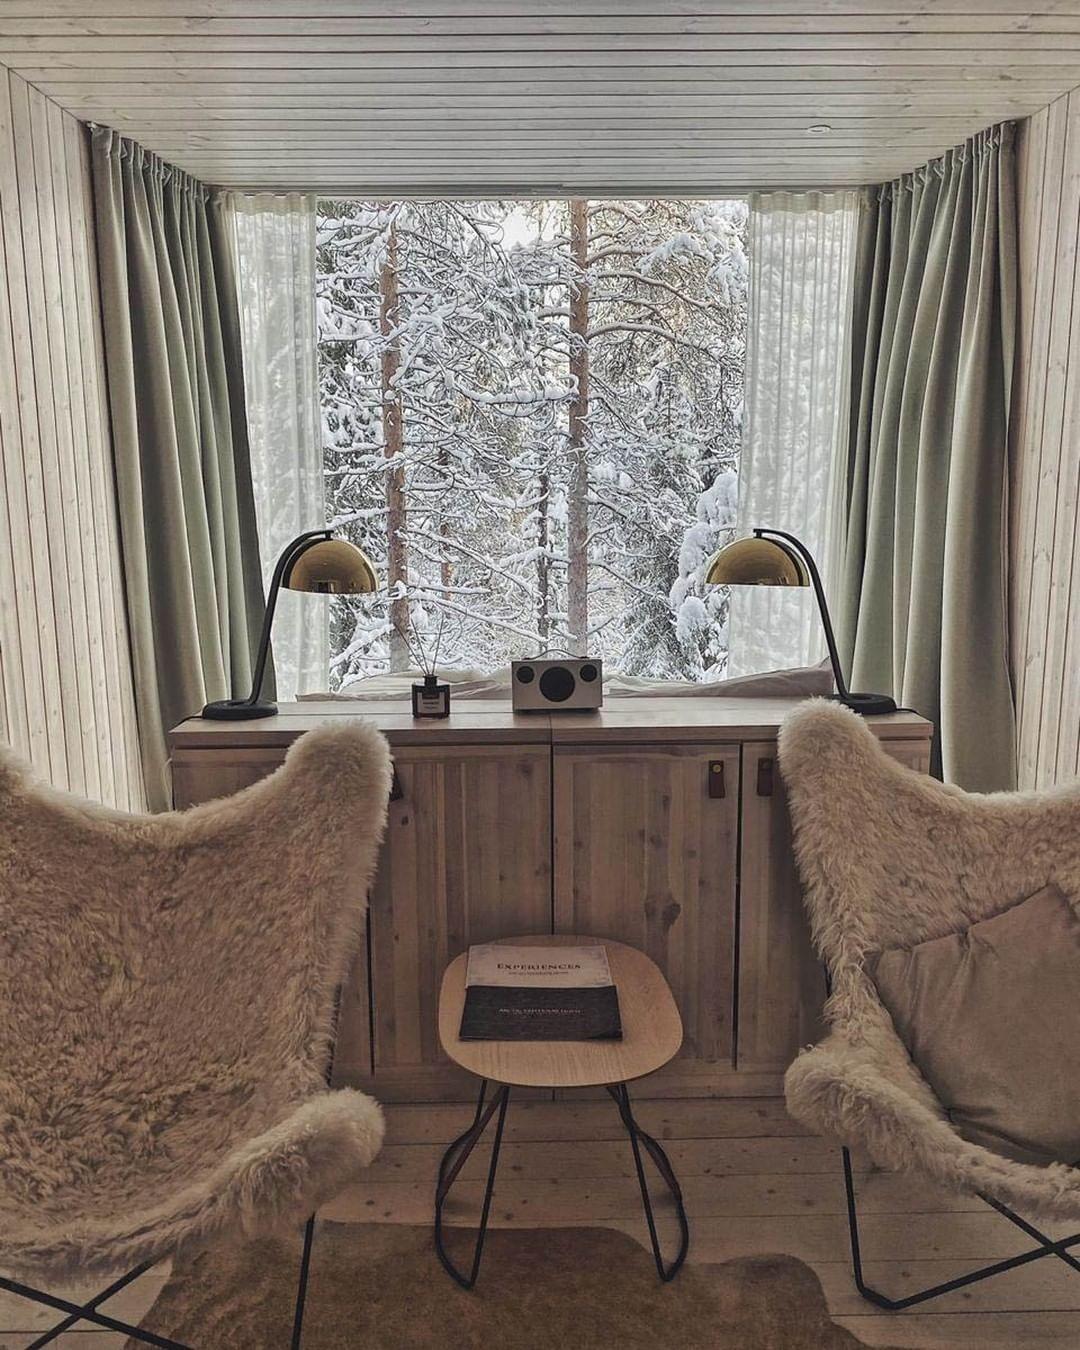 Estilo boho: saiba mais sobre este décor eclético, lindo e perfeito pra você (Foto: Reprodução Instagram)